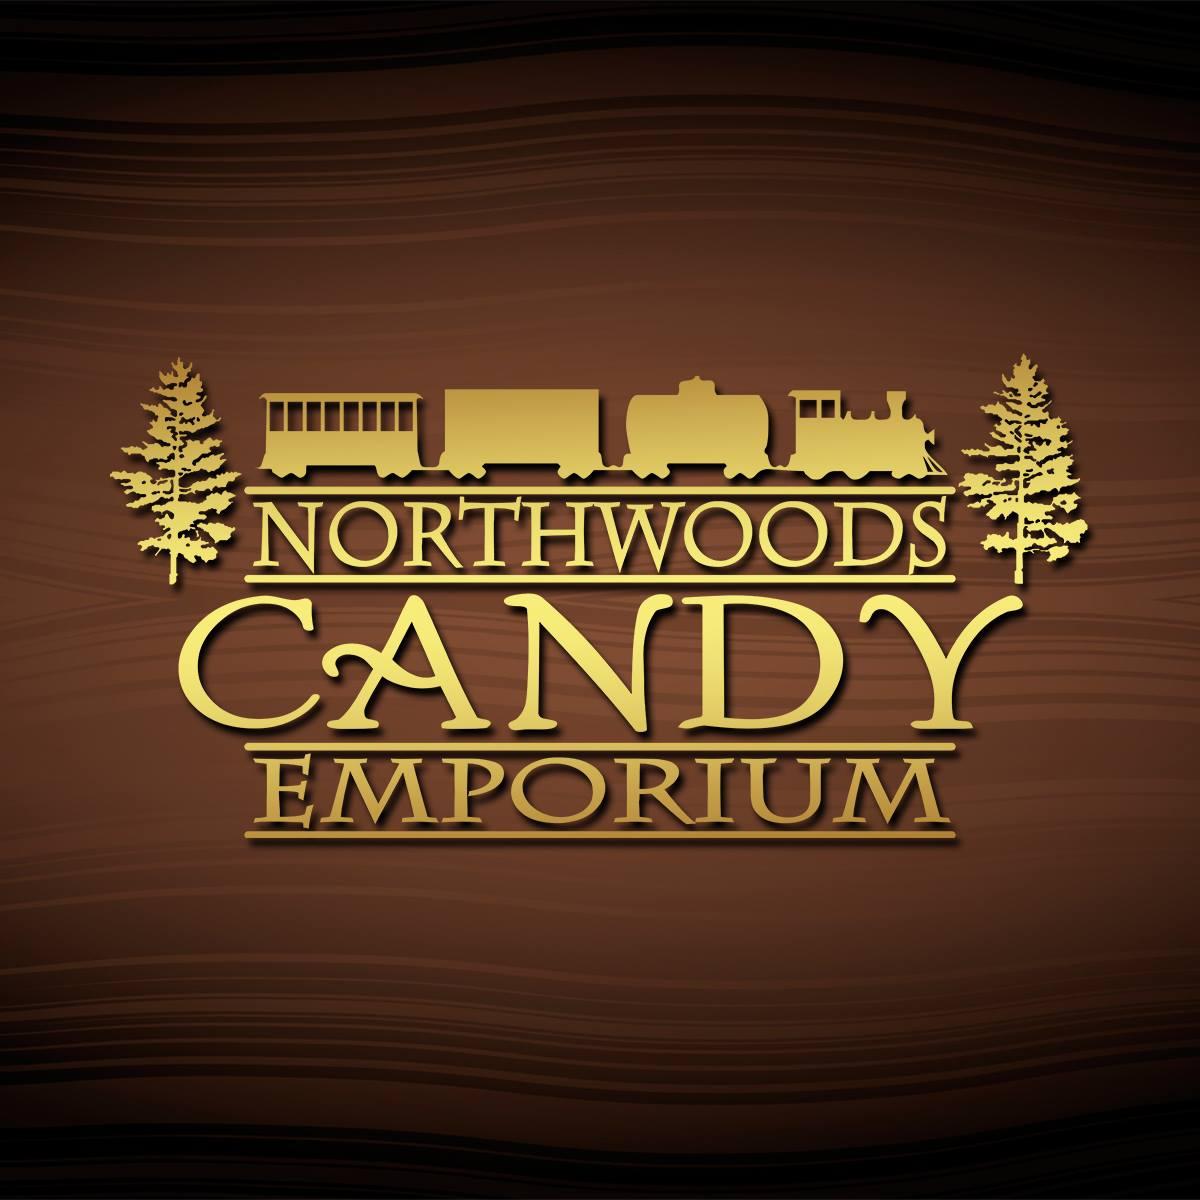 Northwoods Candy Emporium